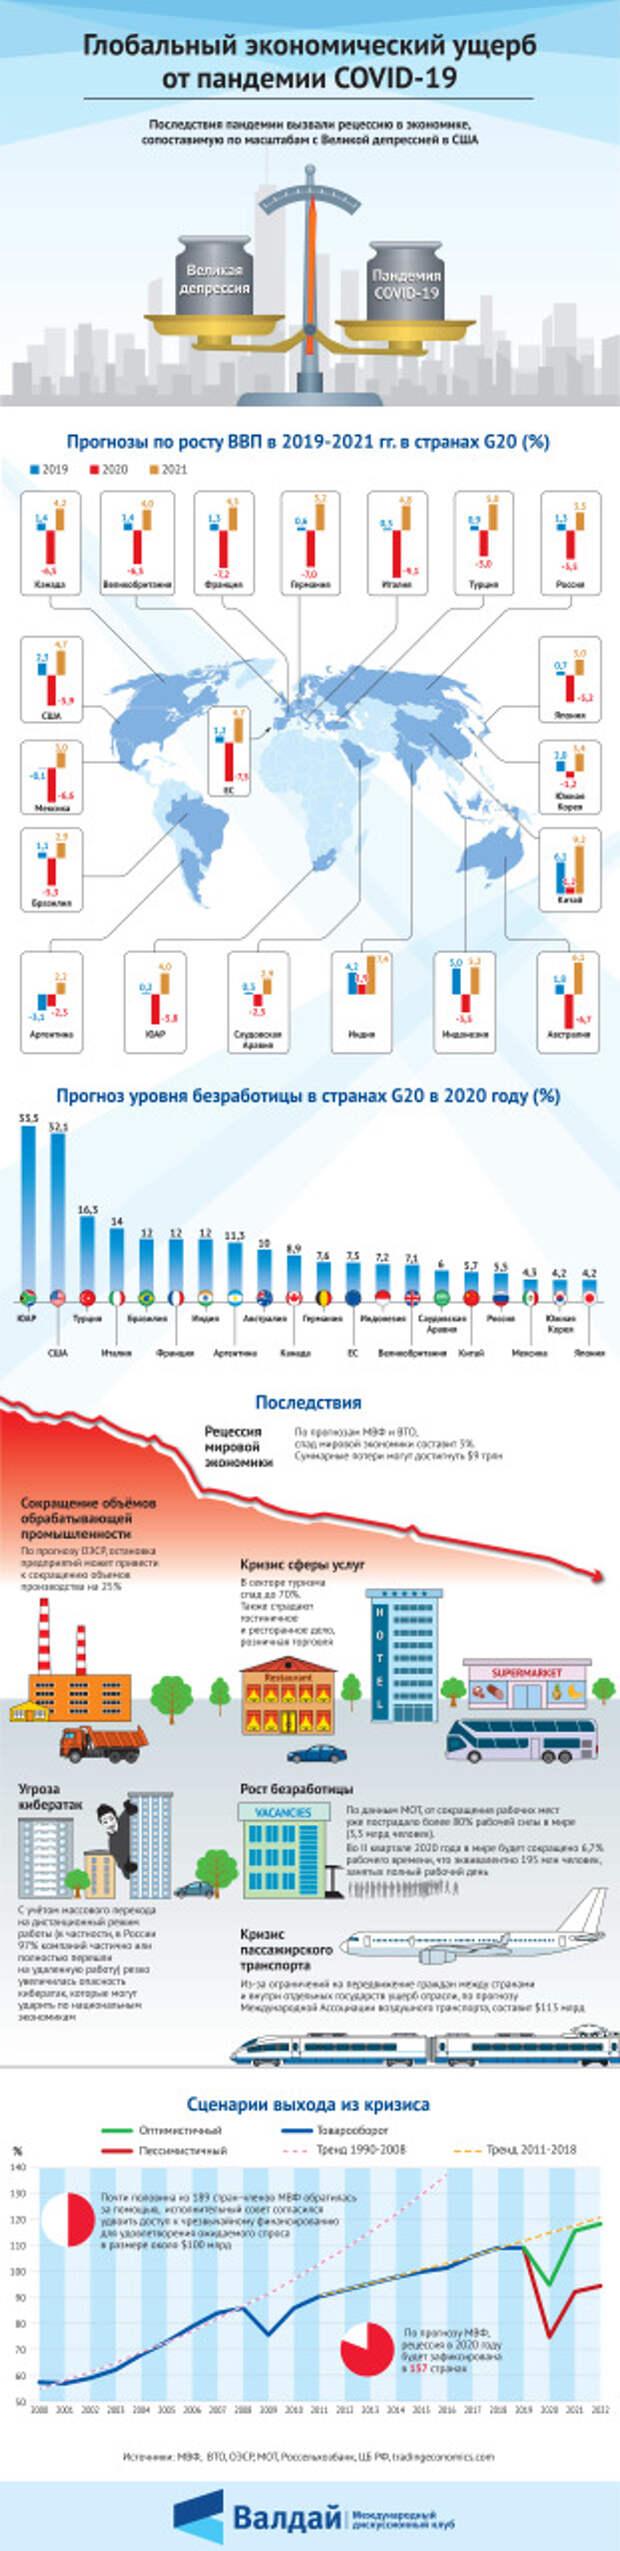 Глобальный экономический ущерб от пандемии COVID-19